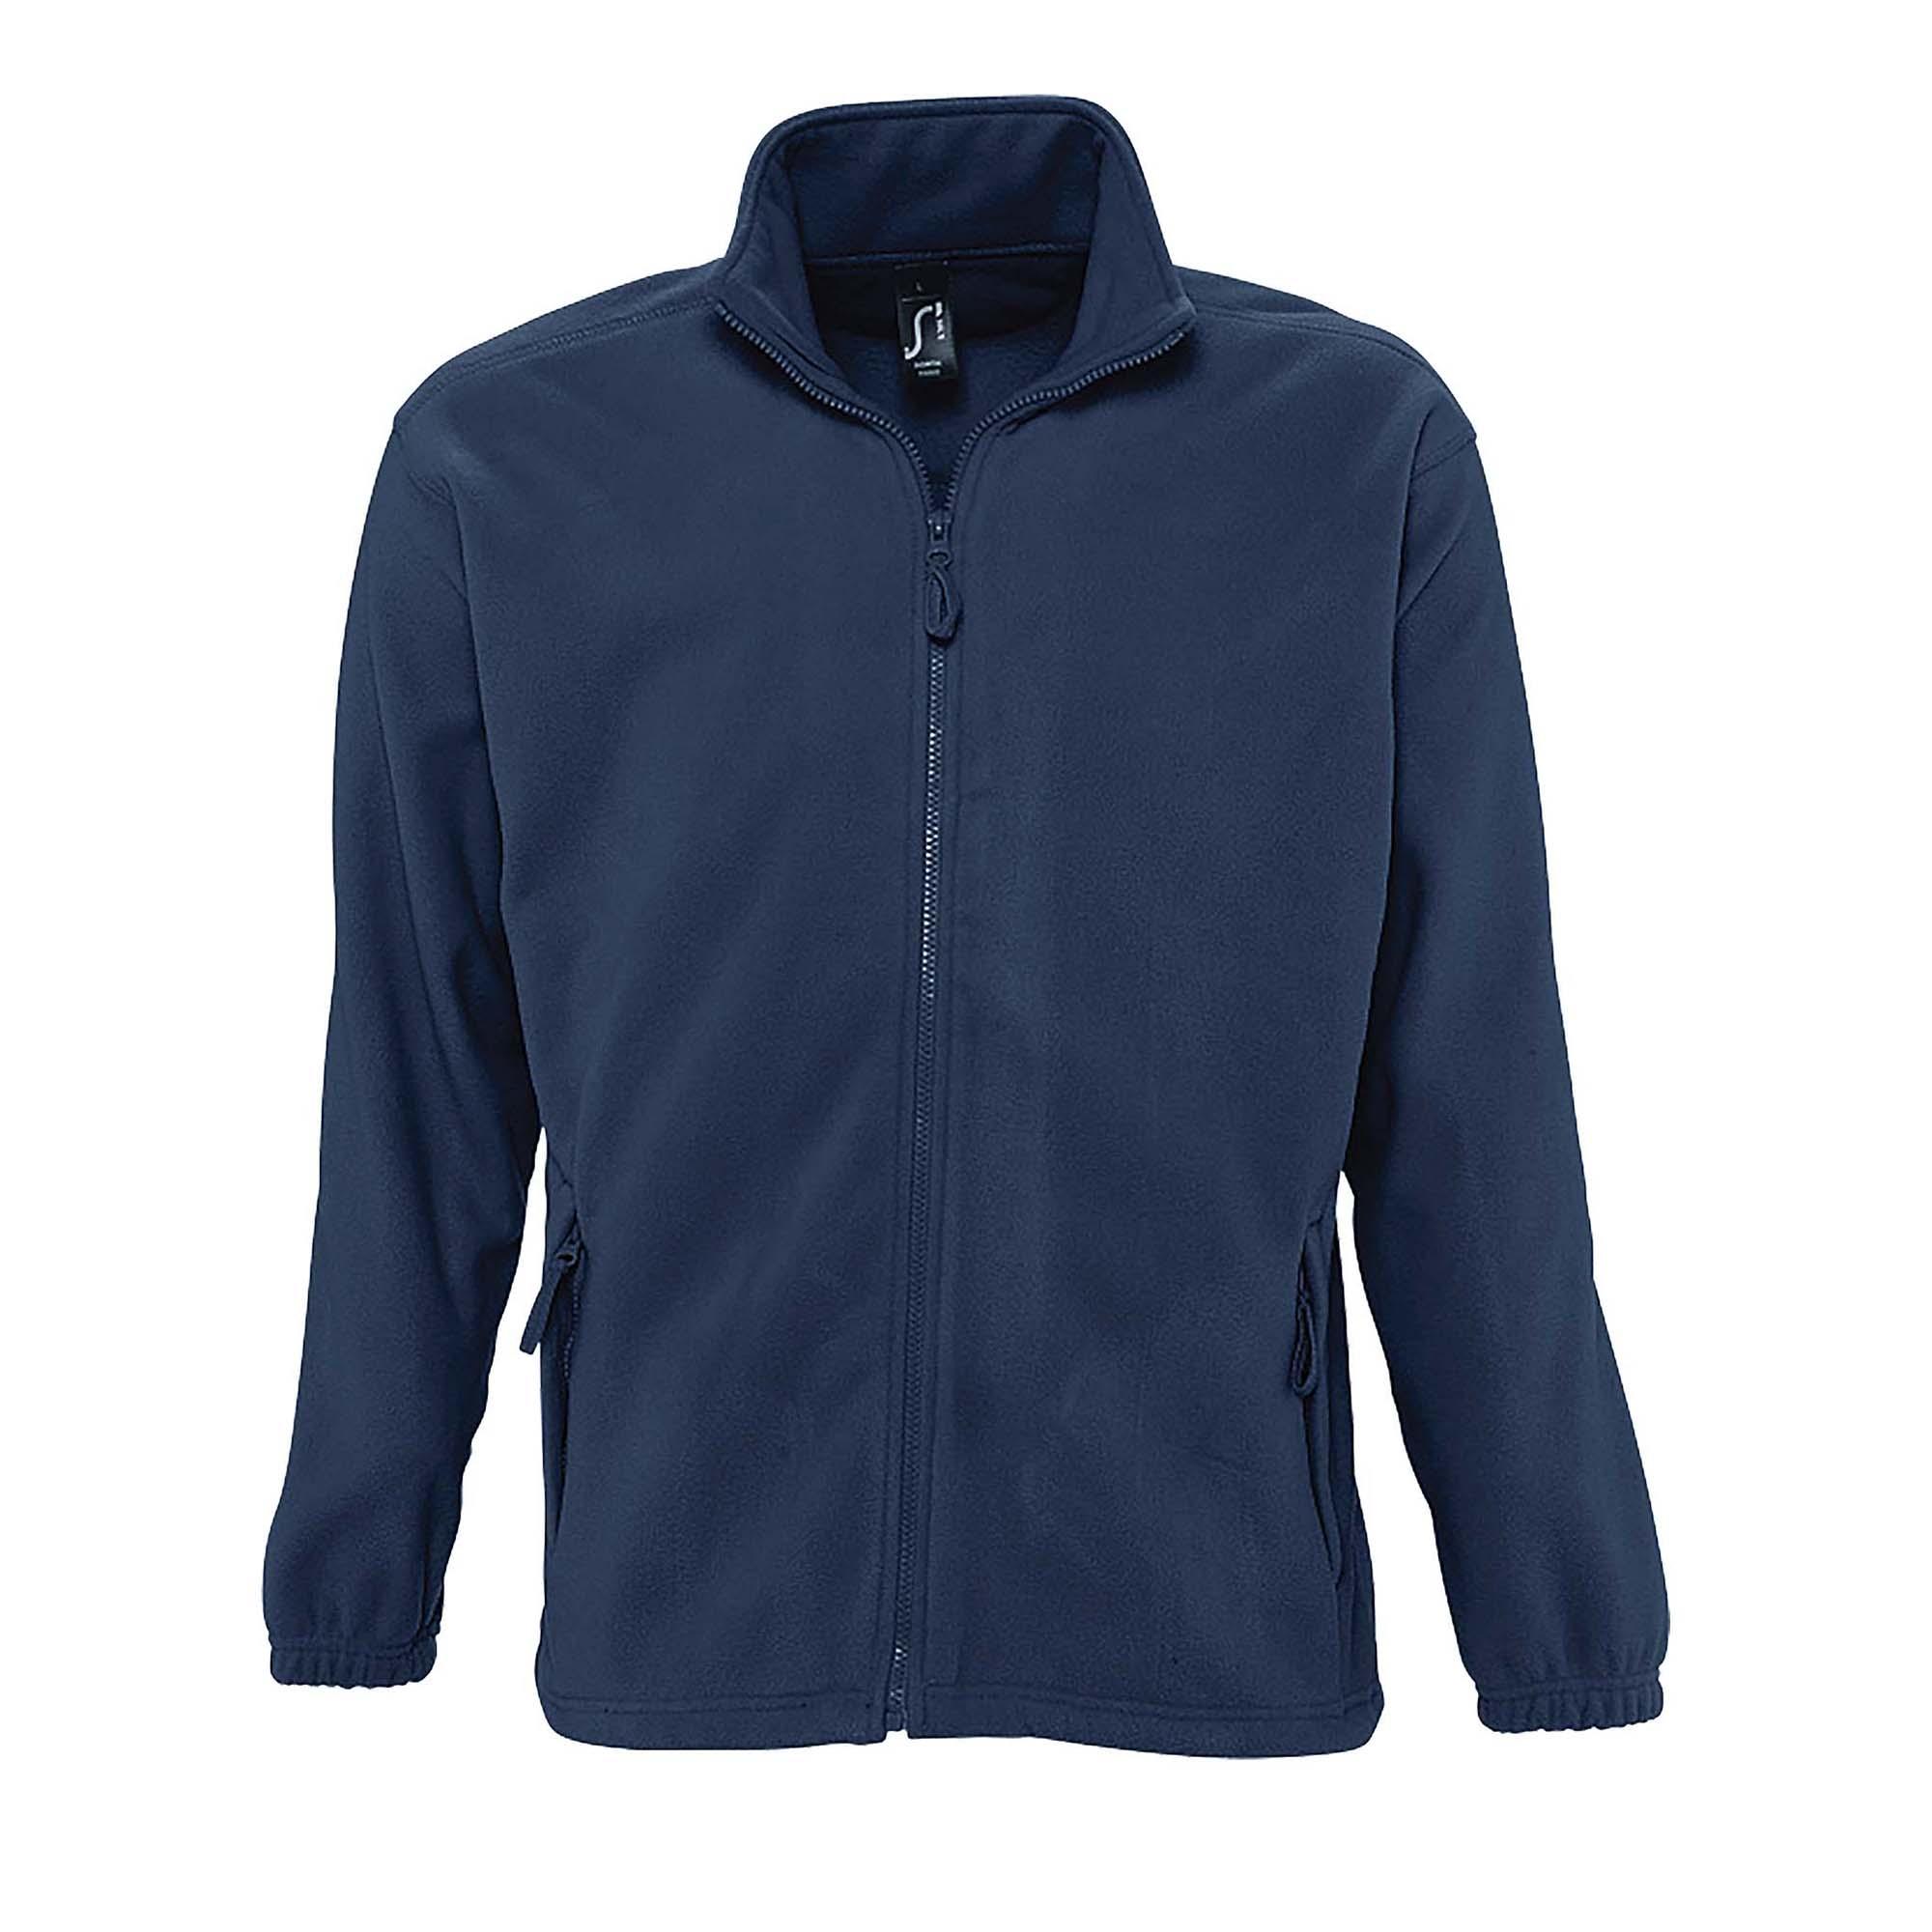 SOLS Mens North Full Zip Outdoor Fleece Jacket (M) (Black)